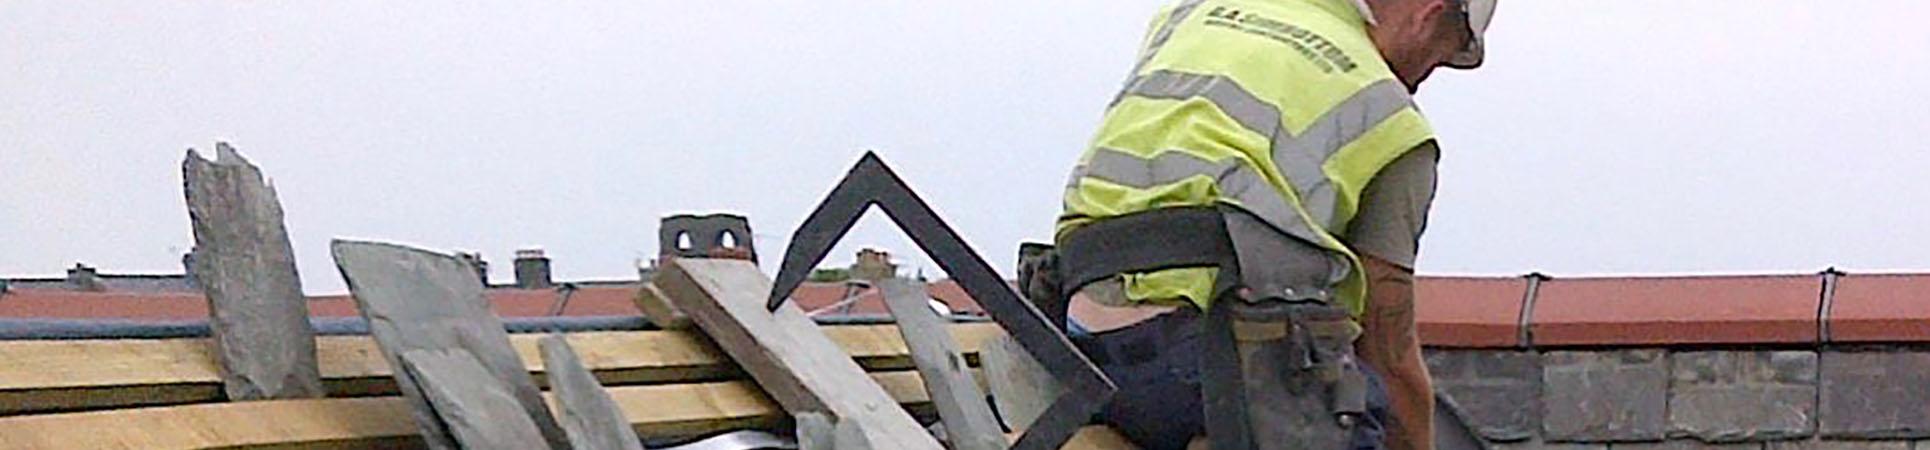 heritage roofing repairs, heritage roofing